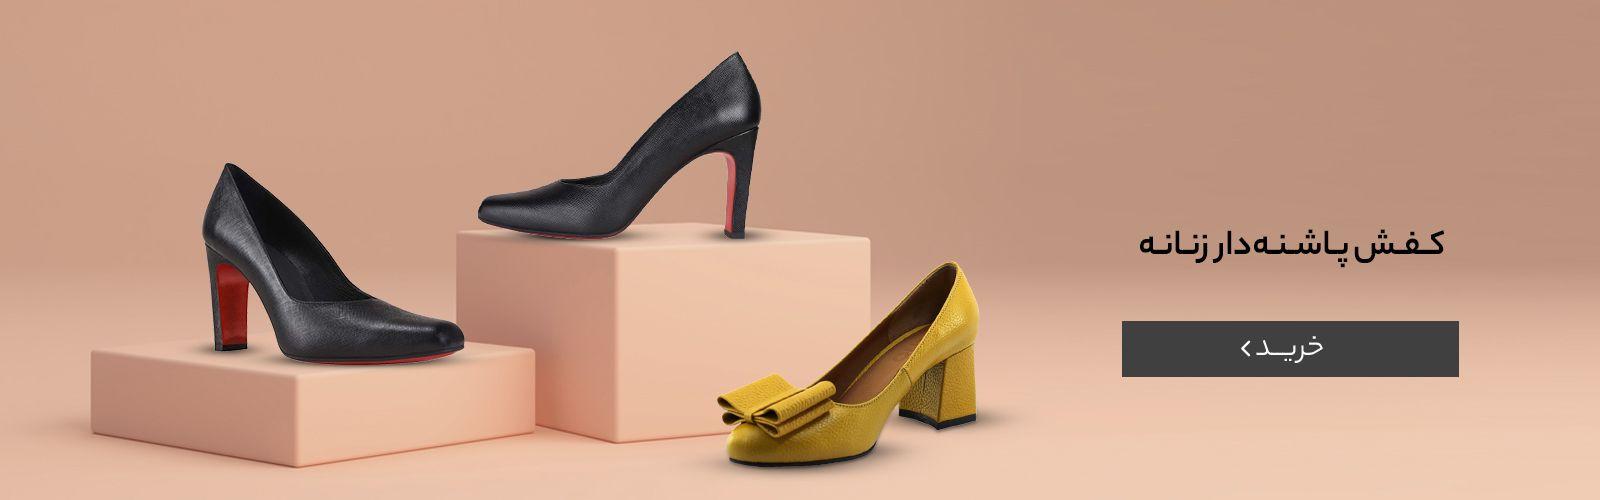 کفش پاشنهدار زنانه